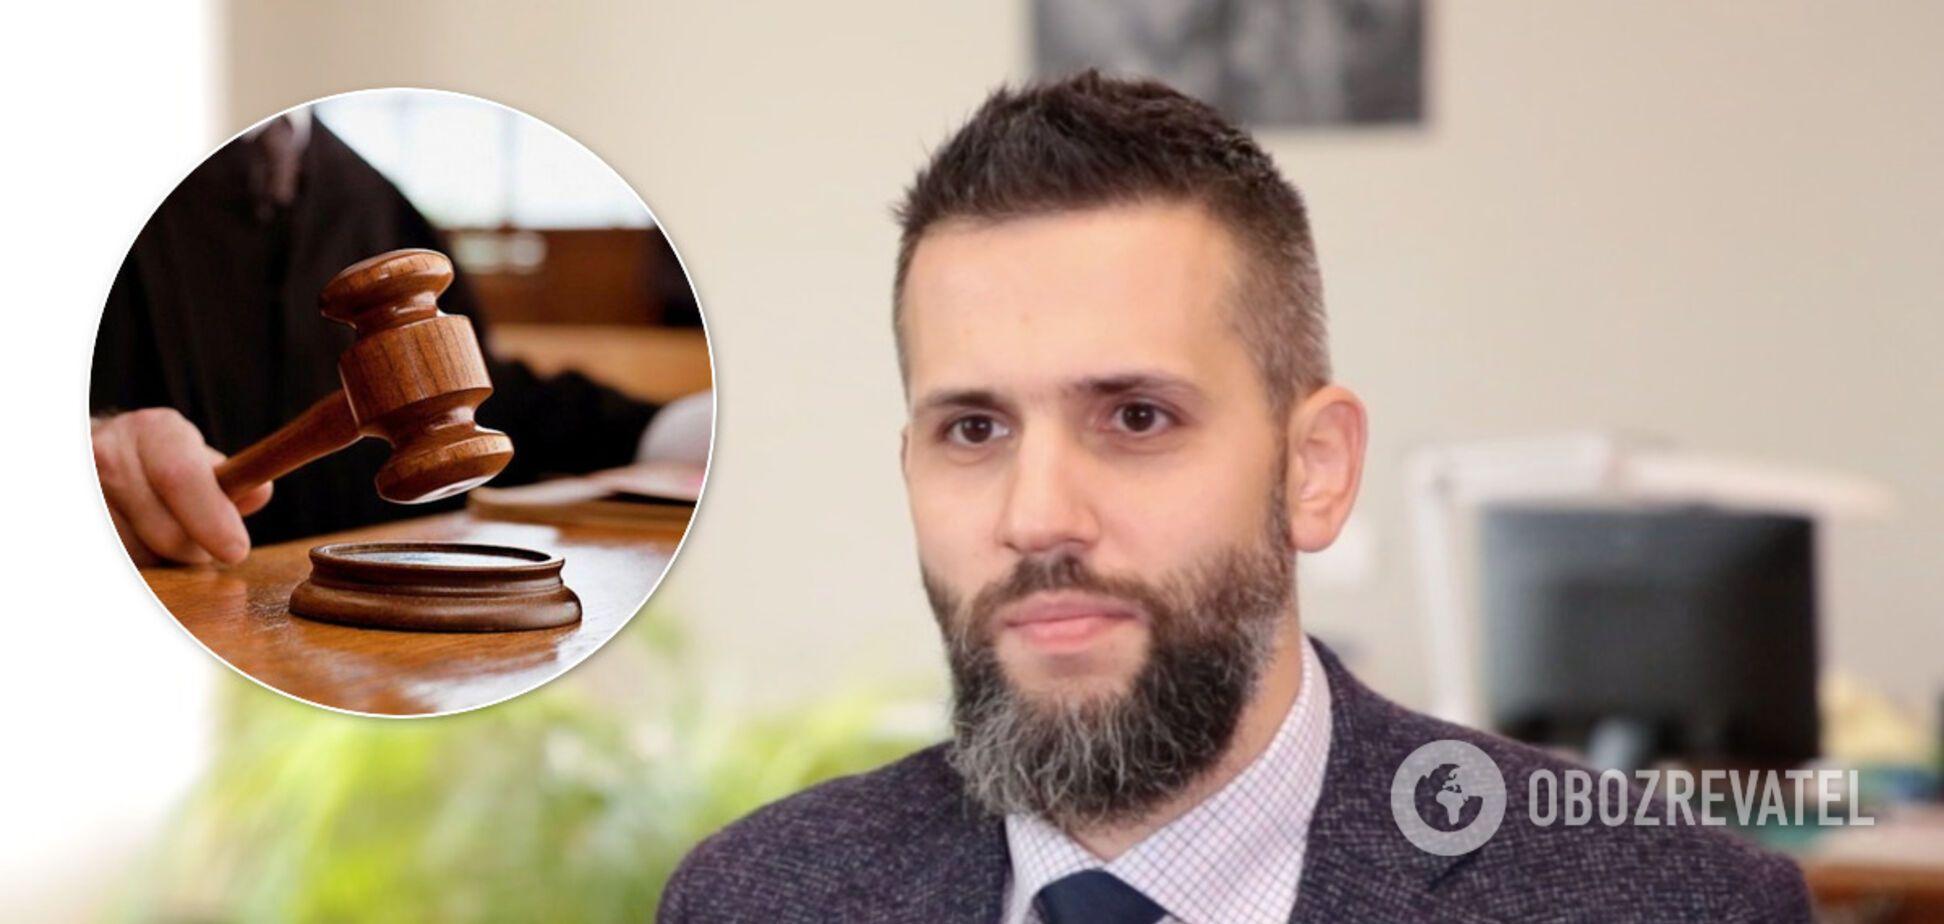 Нефьодов потребовал через суд восстановить его на должности